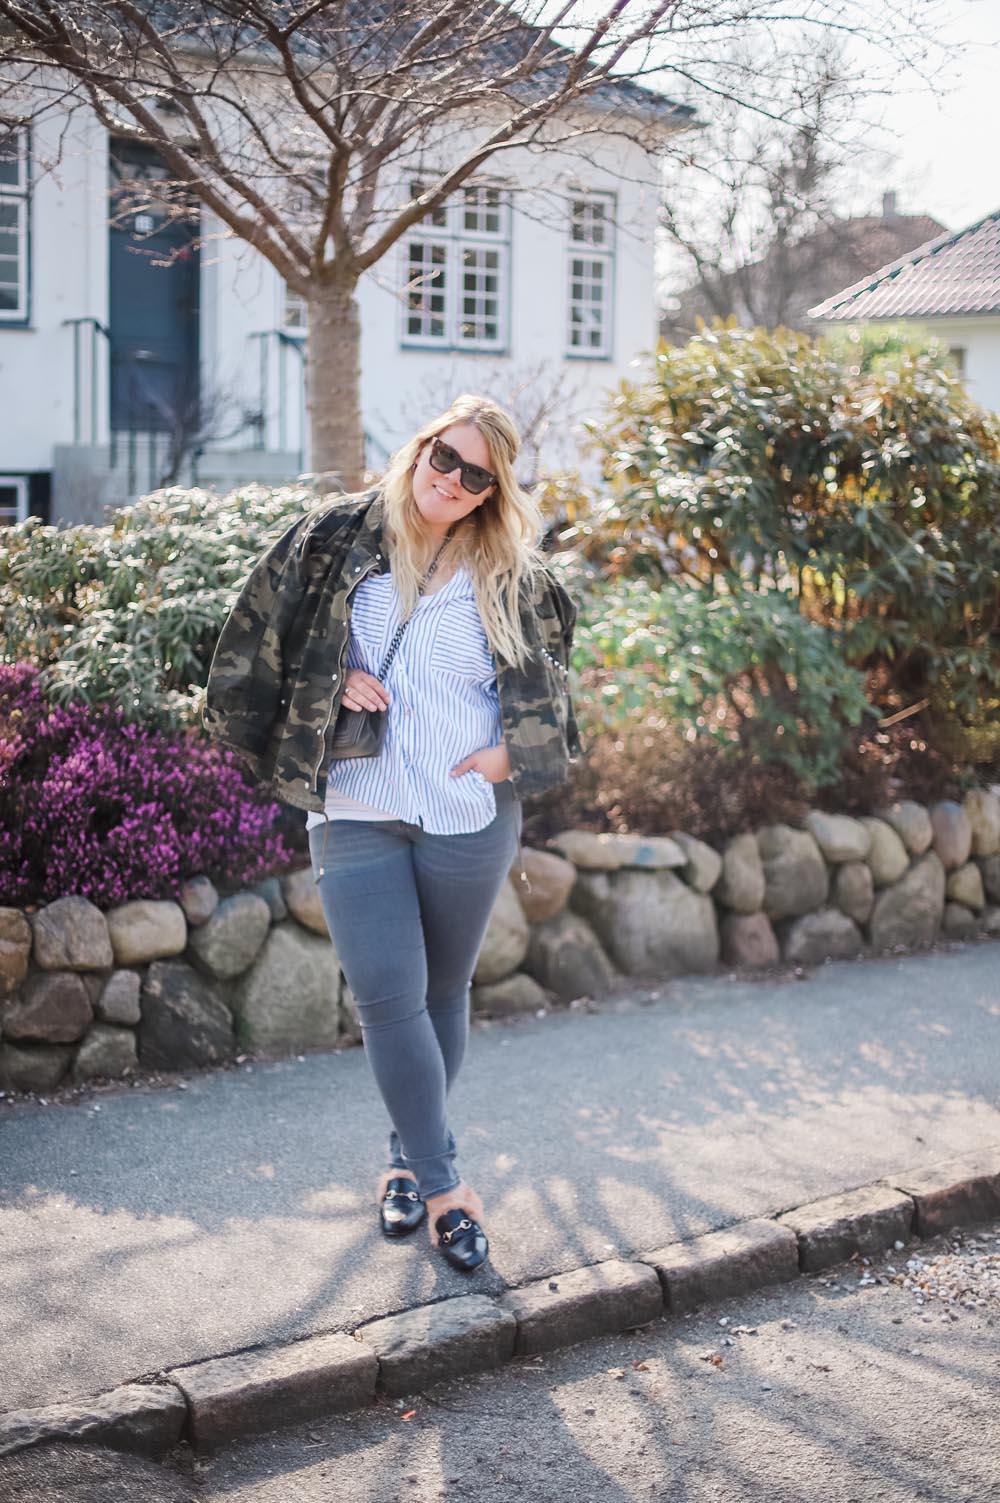 army-jakke-jeans-skjorte-loafers-2-of-5